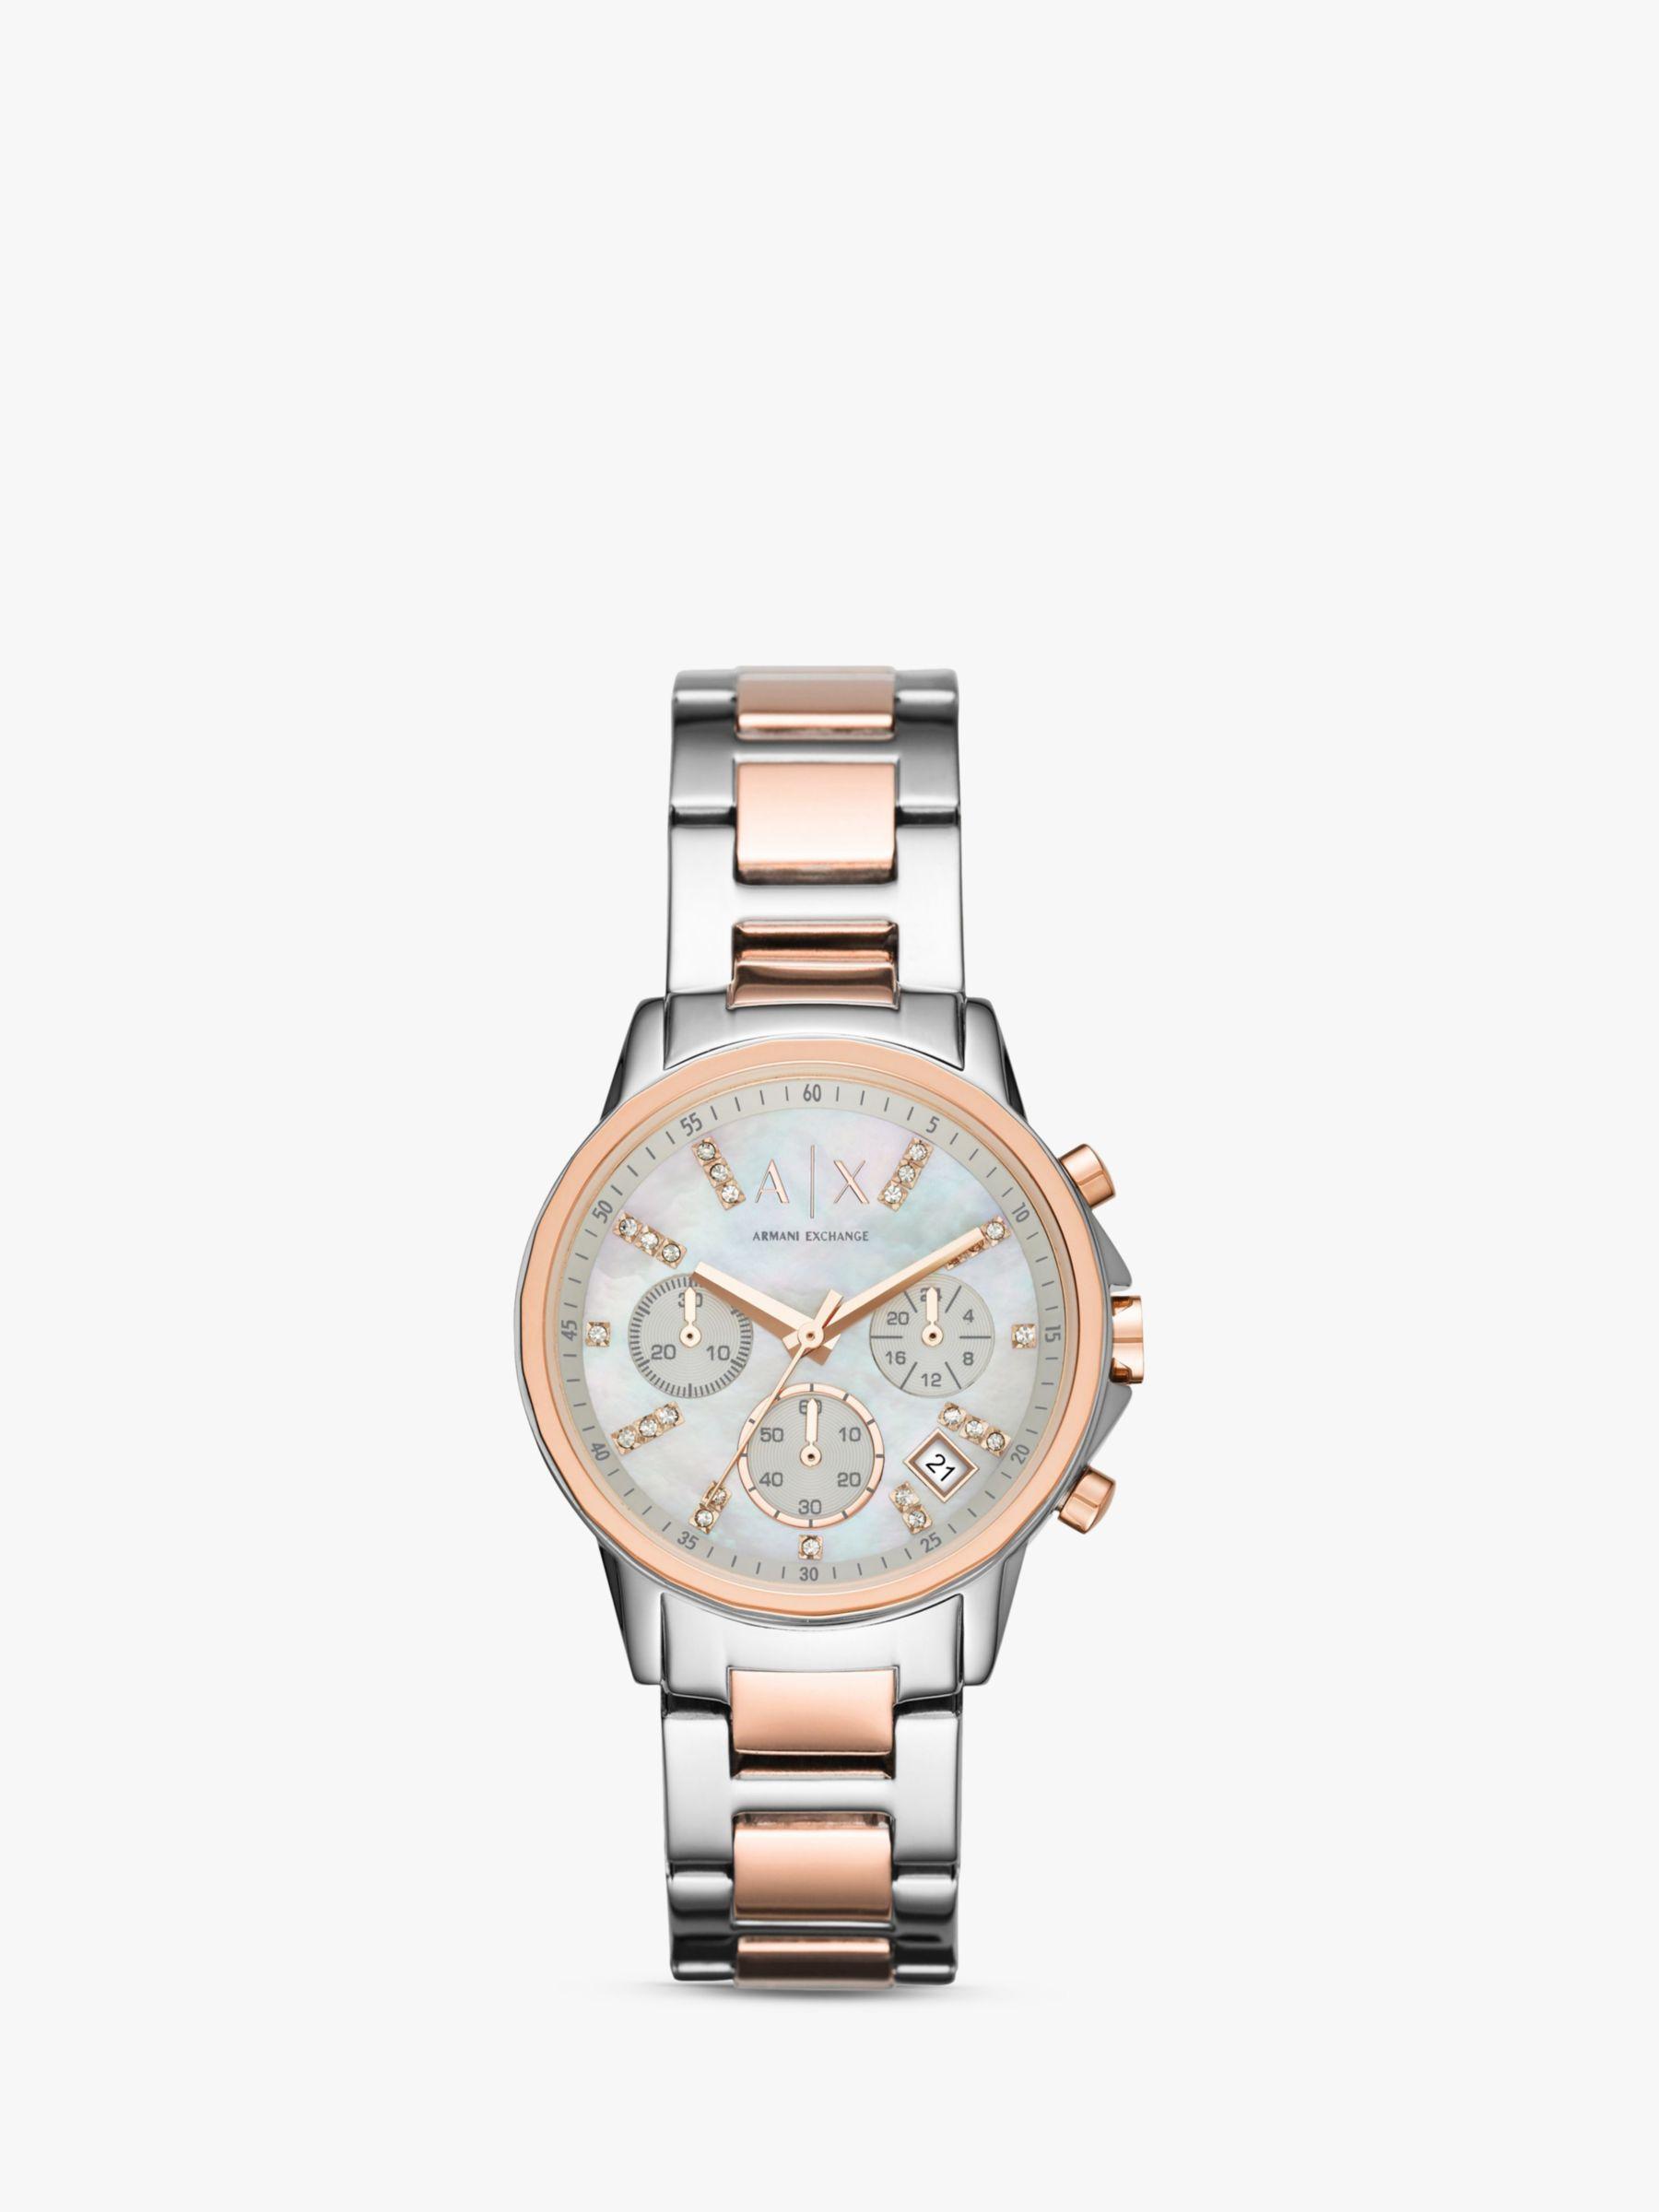 Armani Exchange Armani Exchange AX4331 Women's Chronograph Date Two Tone Bracelet Strap Watch, Silver/Rose Gold